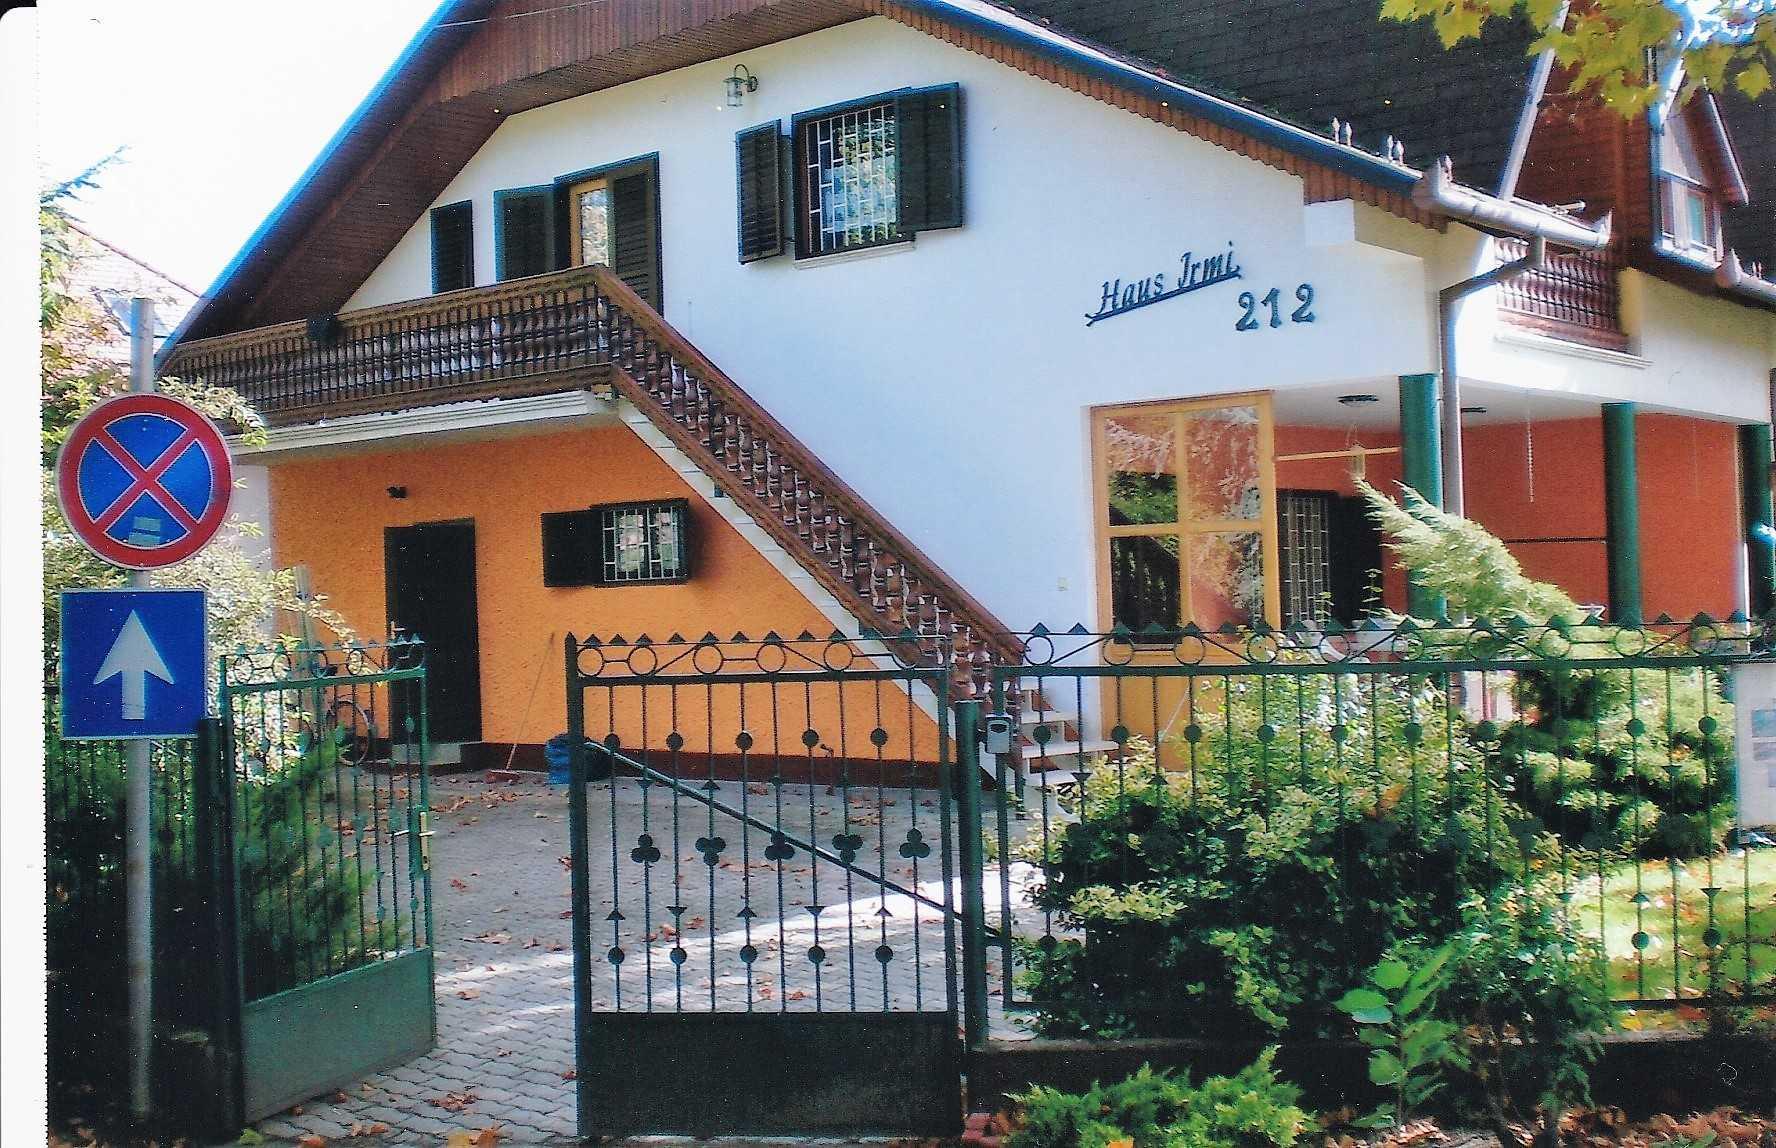 Ansicht des Hauses Jrmi